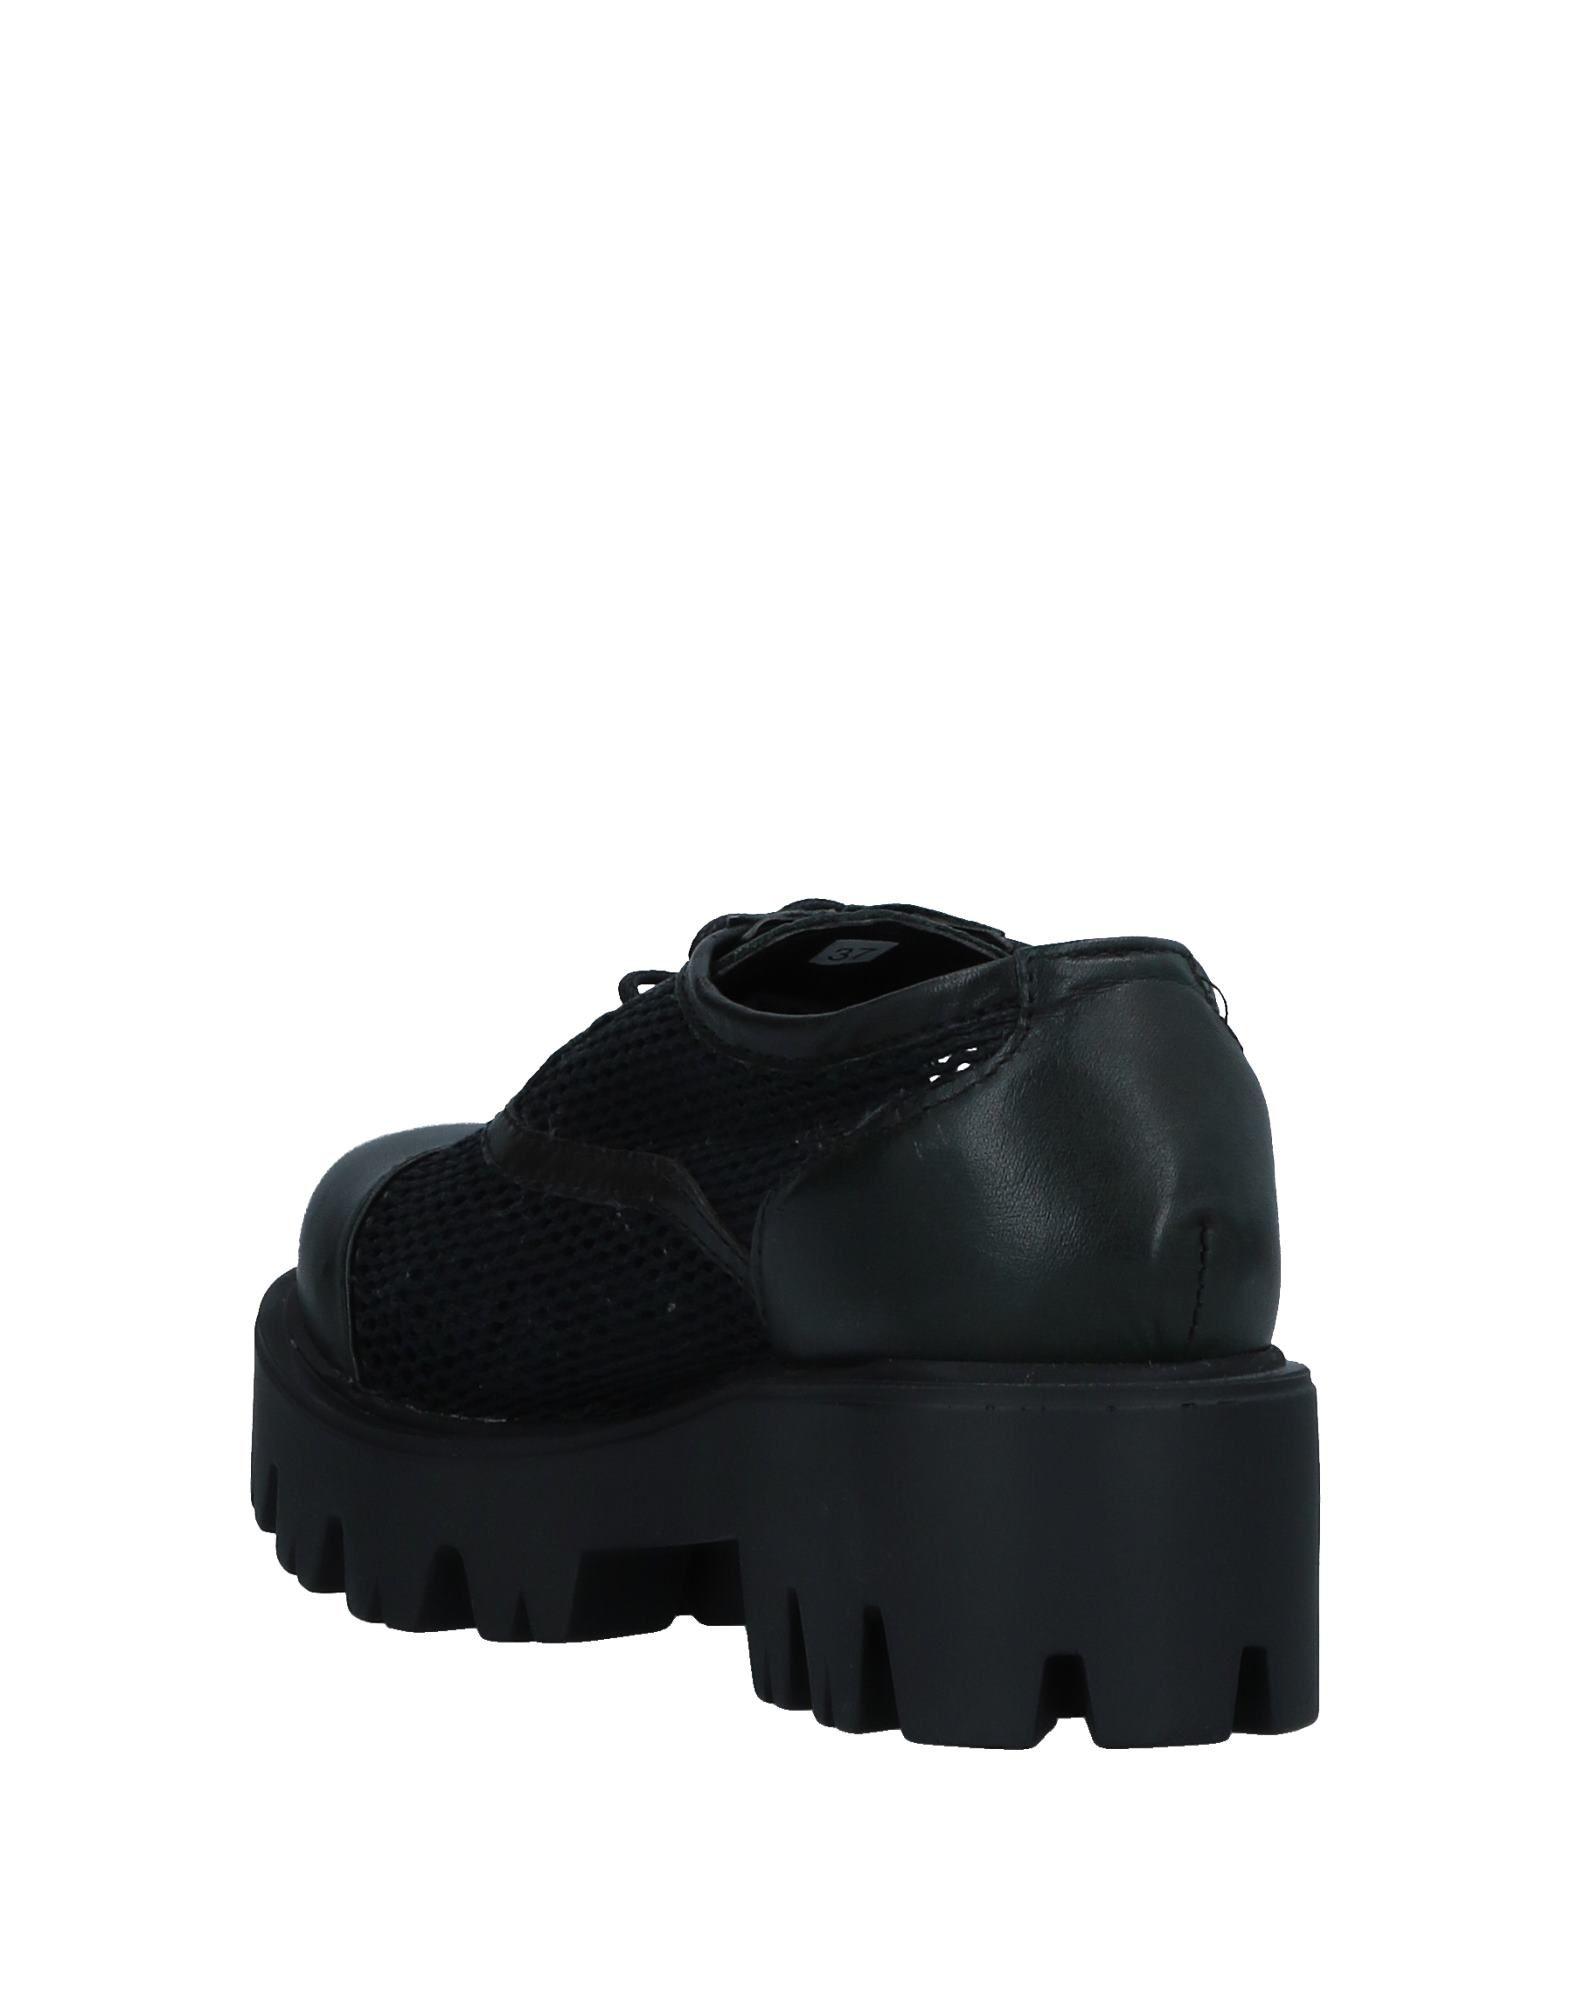 Unlace Schnürschuhe Damen  11206082WH 11206082WH 11206082WH Gute Qualität beliebte Schuhe 647826